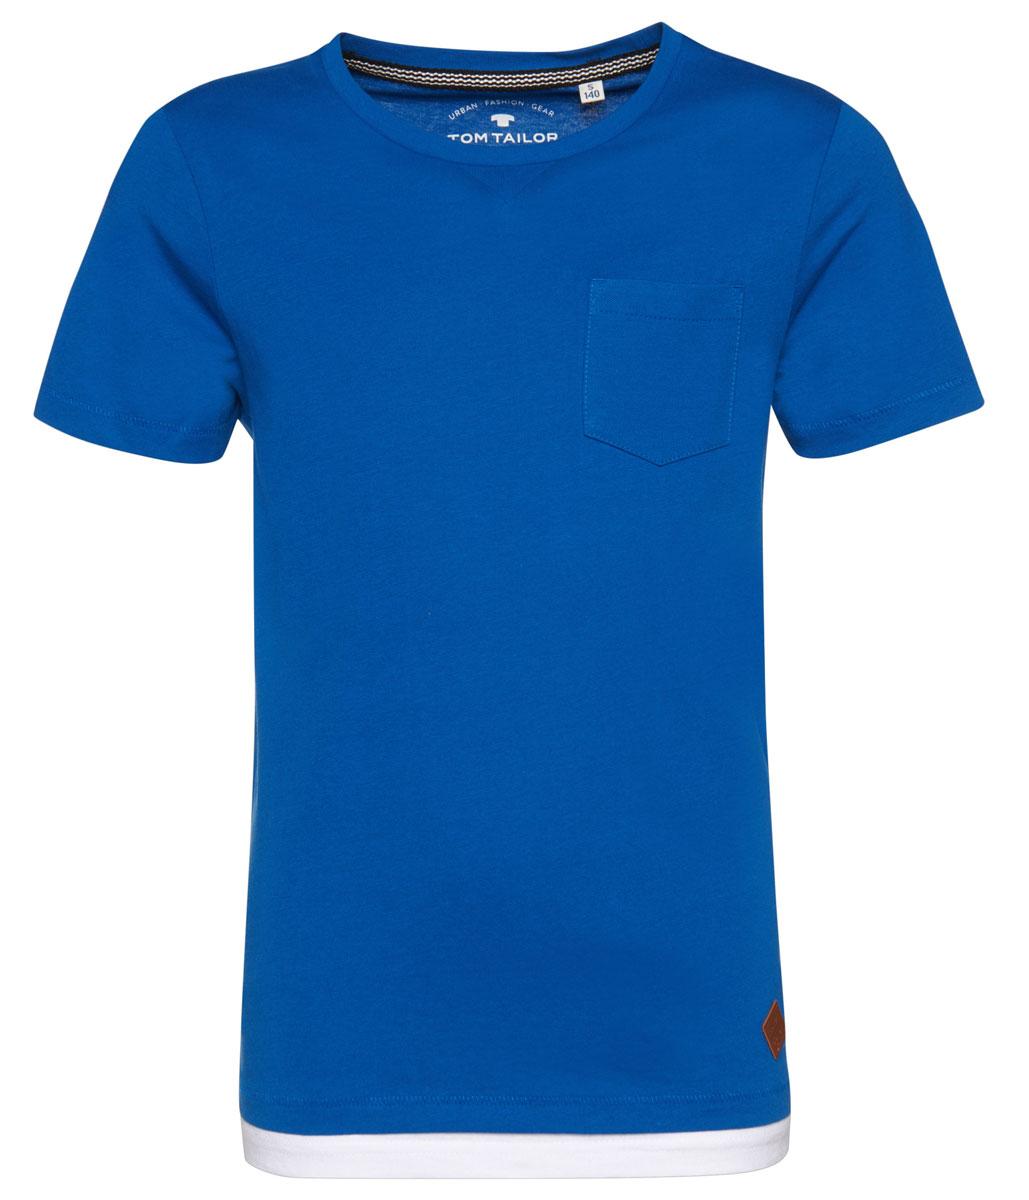 Футболка для мальчика Tom Tailor, цвет: синий. 1035492.40.30_6610. Размер 152 платье для девочки tom tailor цвет синий белый 5019891 00 40 6740 размер 152